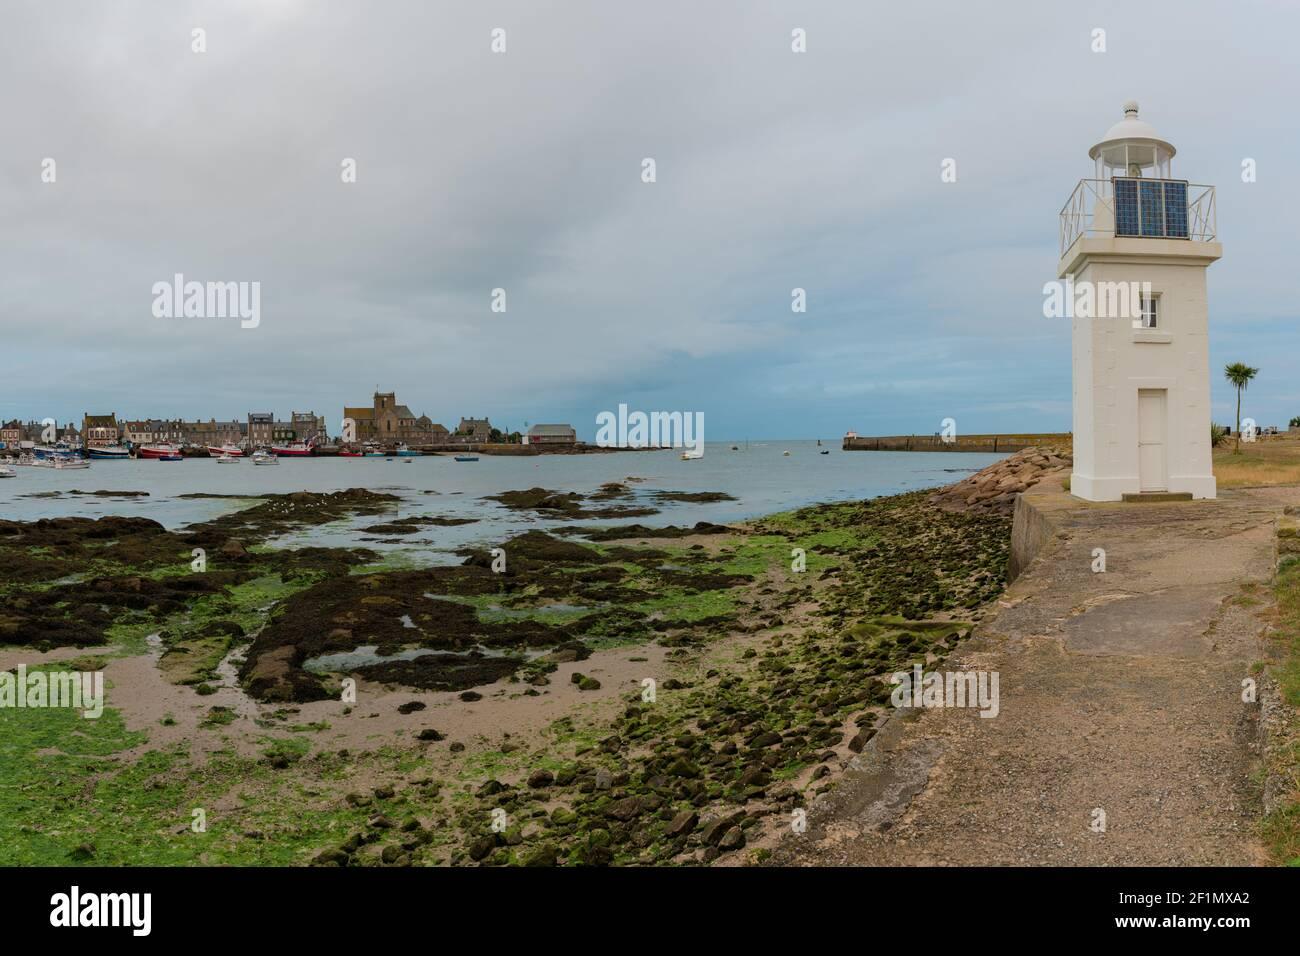 El faro del puerto de Barfleur y el puerto en la marea baja la noche Foto de stock